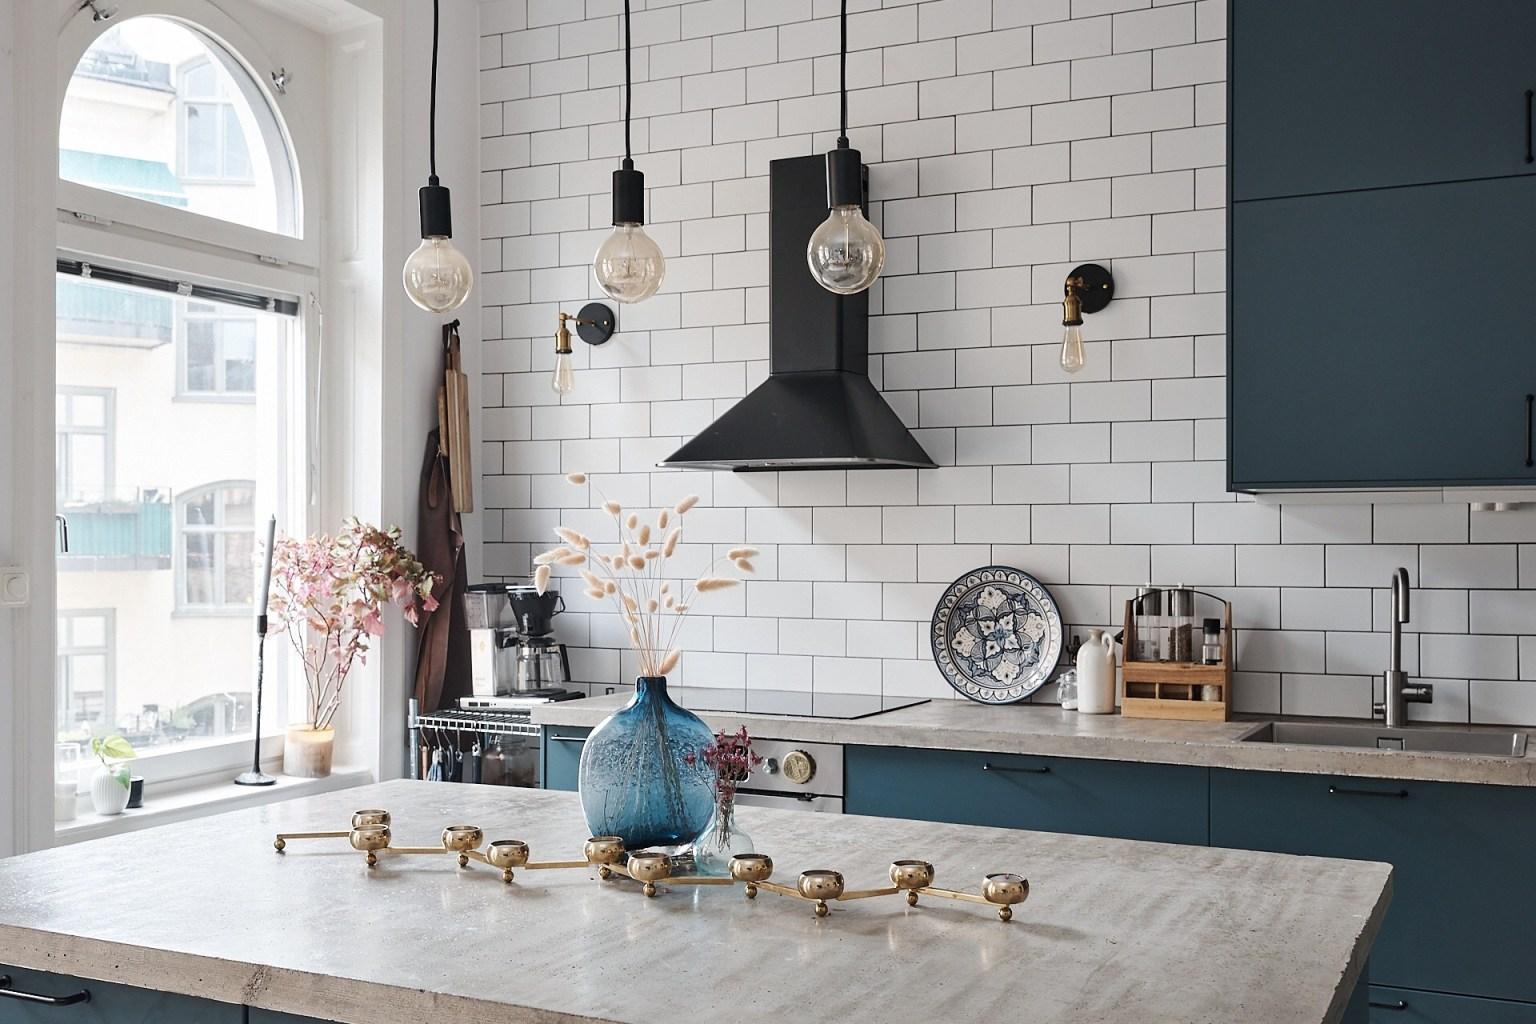 Căn hộ 58m² đẹp tinh tế nhờ phối màu tinh tế theo phong cách Scandinavian - Ảnh 4.